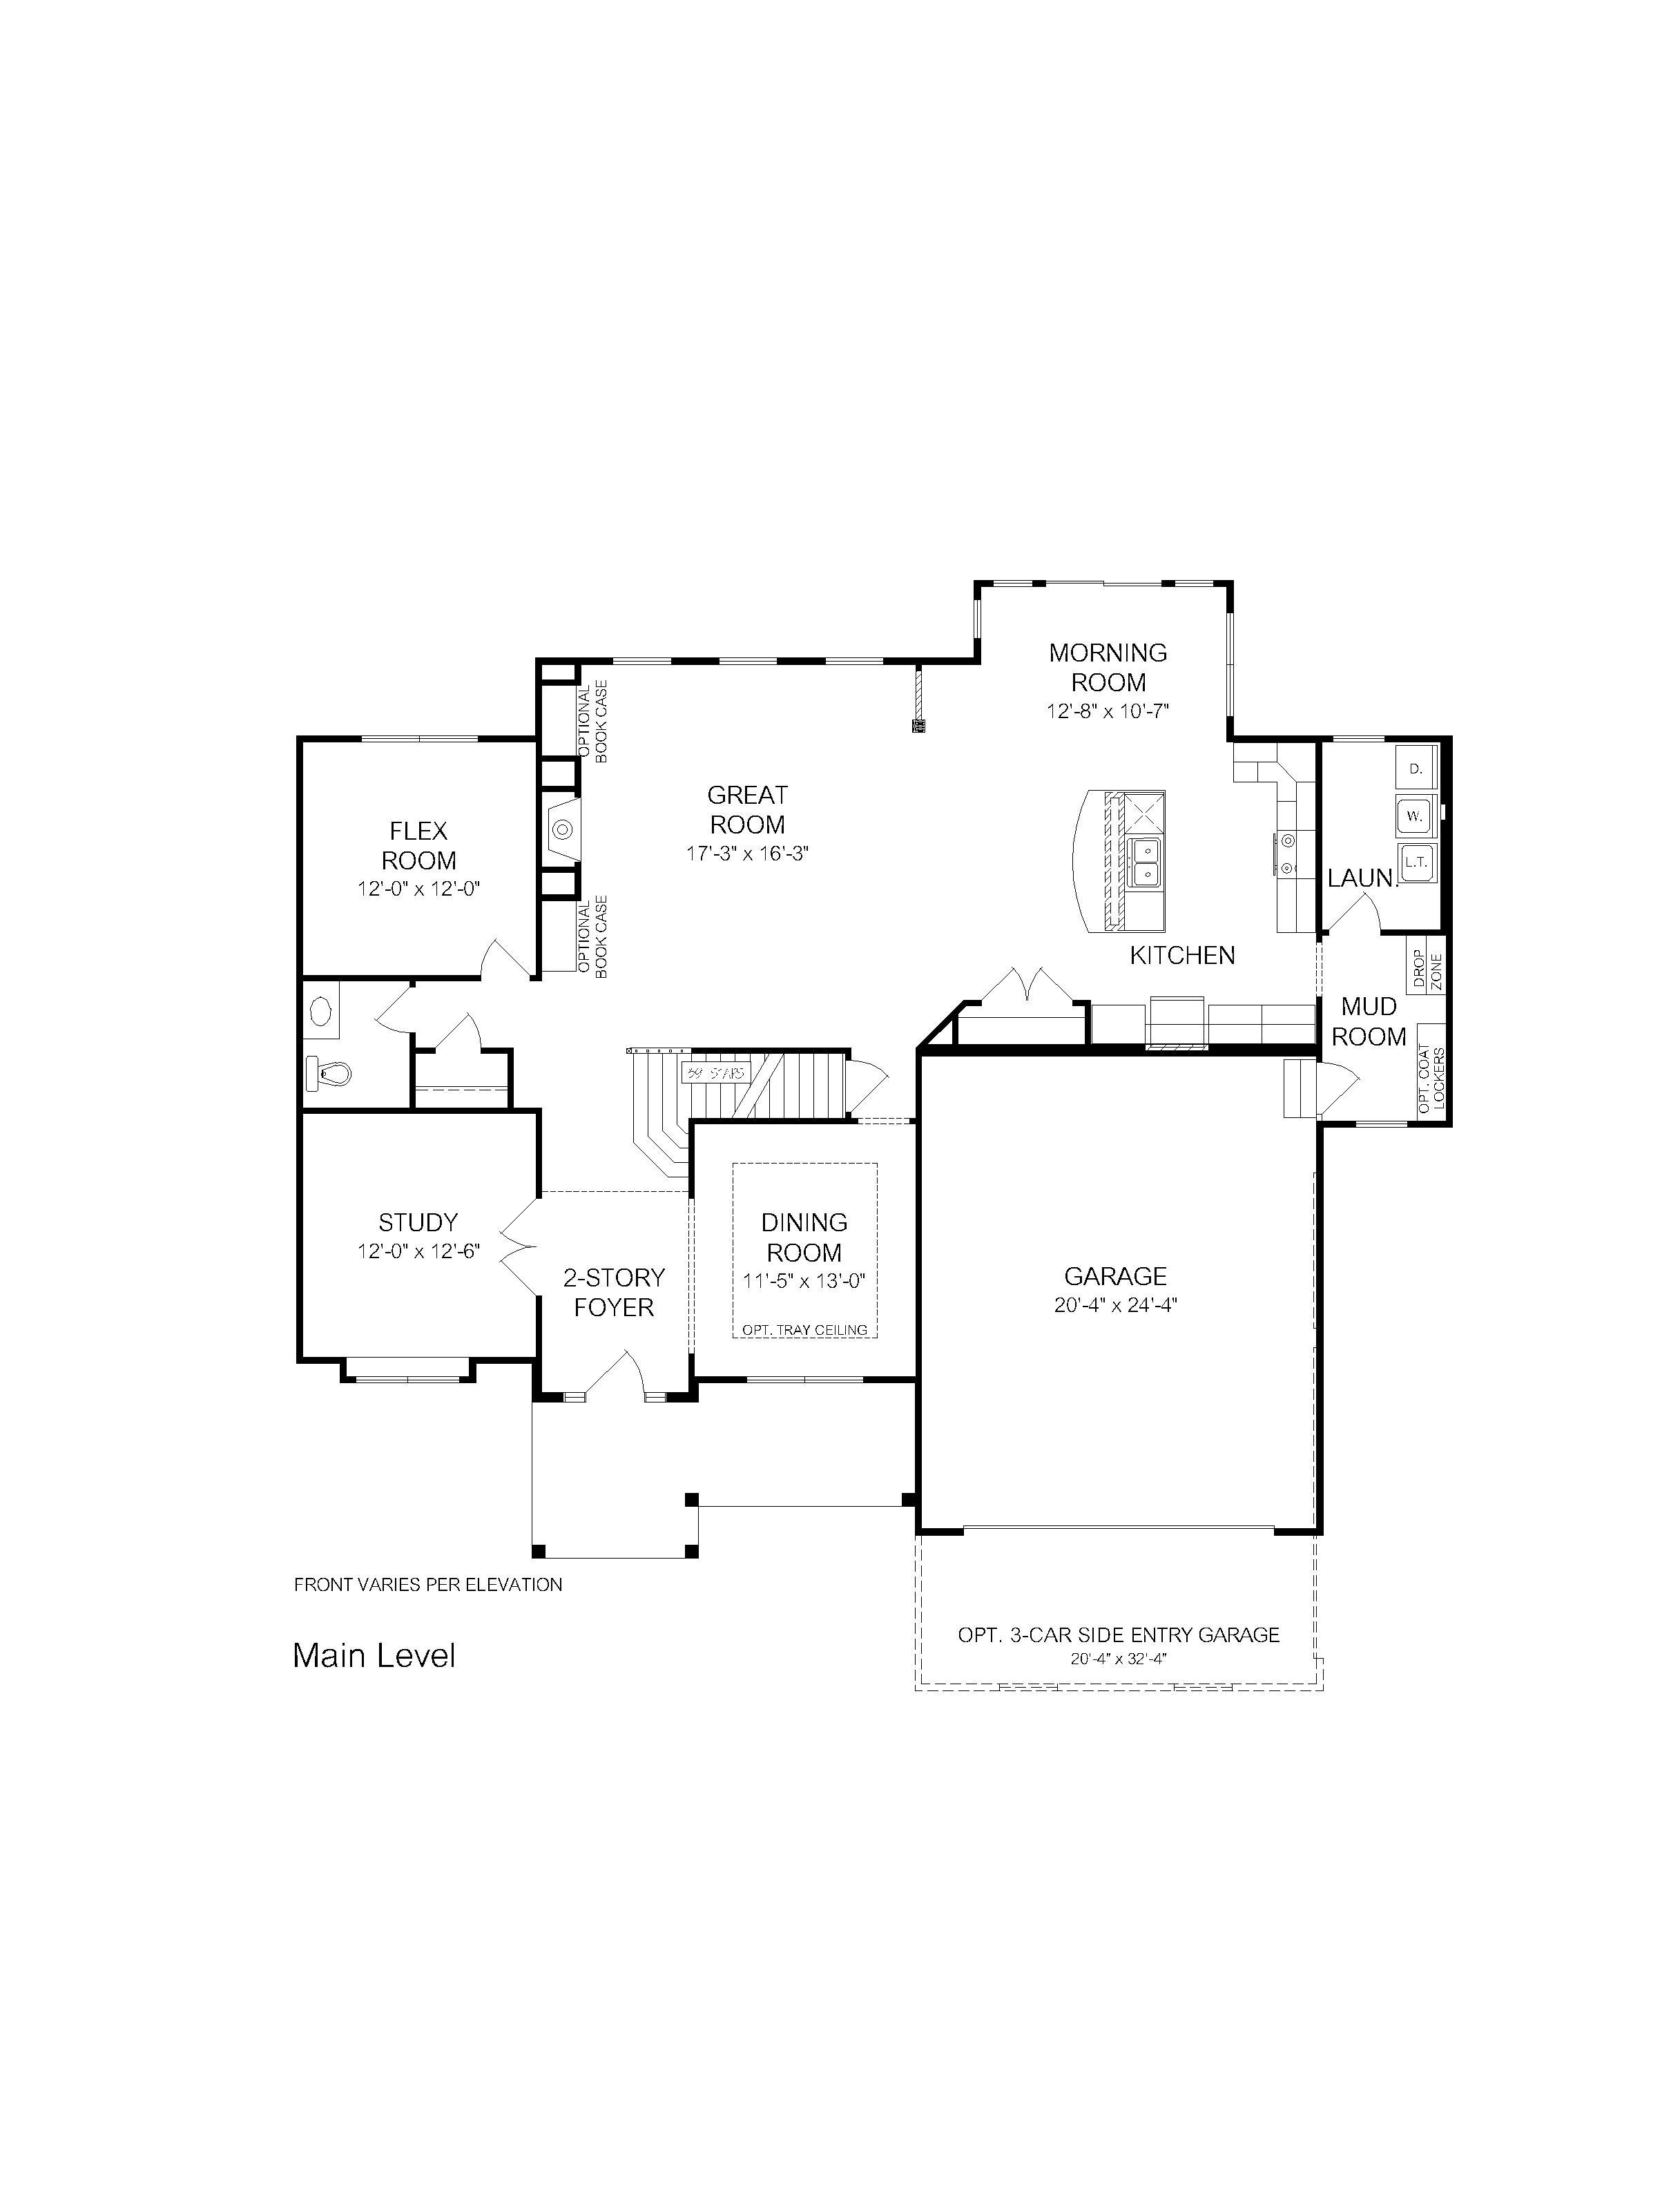 Kensington-Web Plans-Second Floor